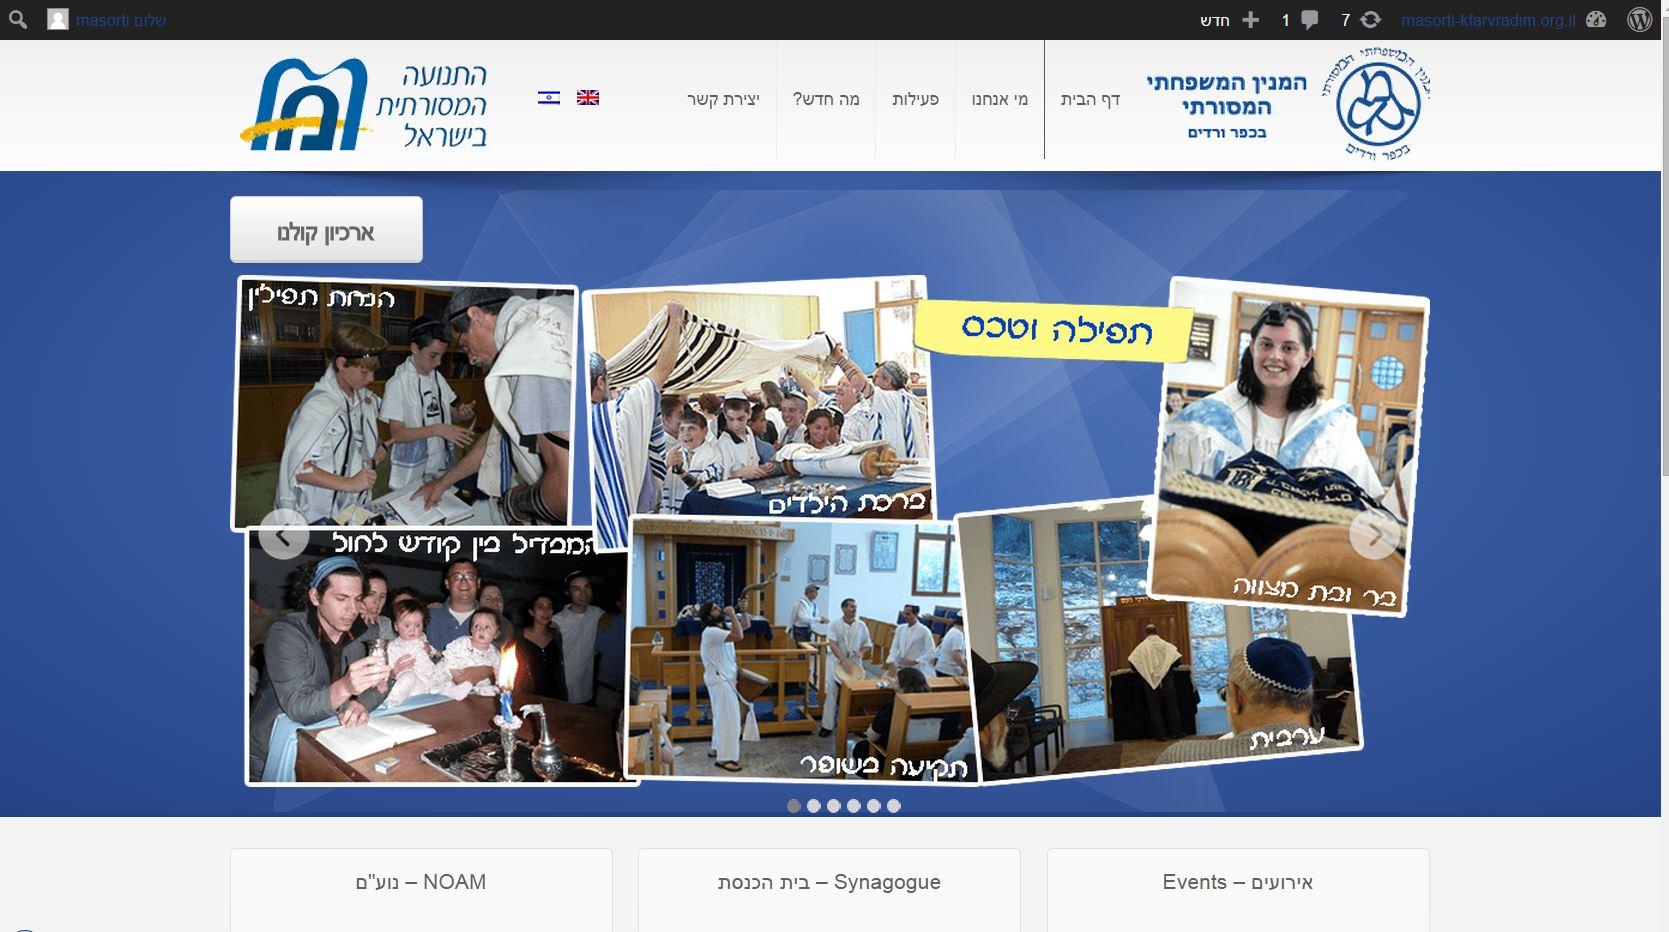 צילום מסך אתר של בית כנסת וקהילה